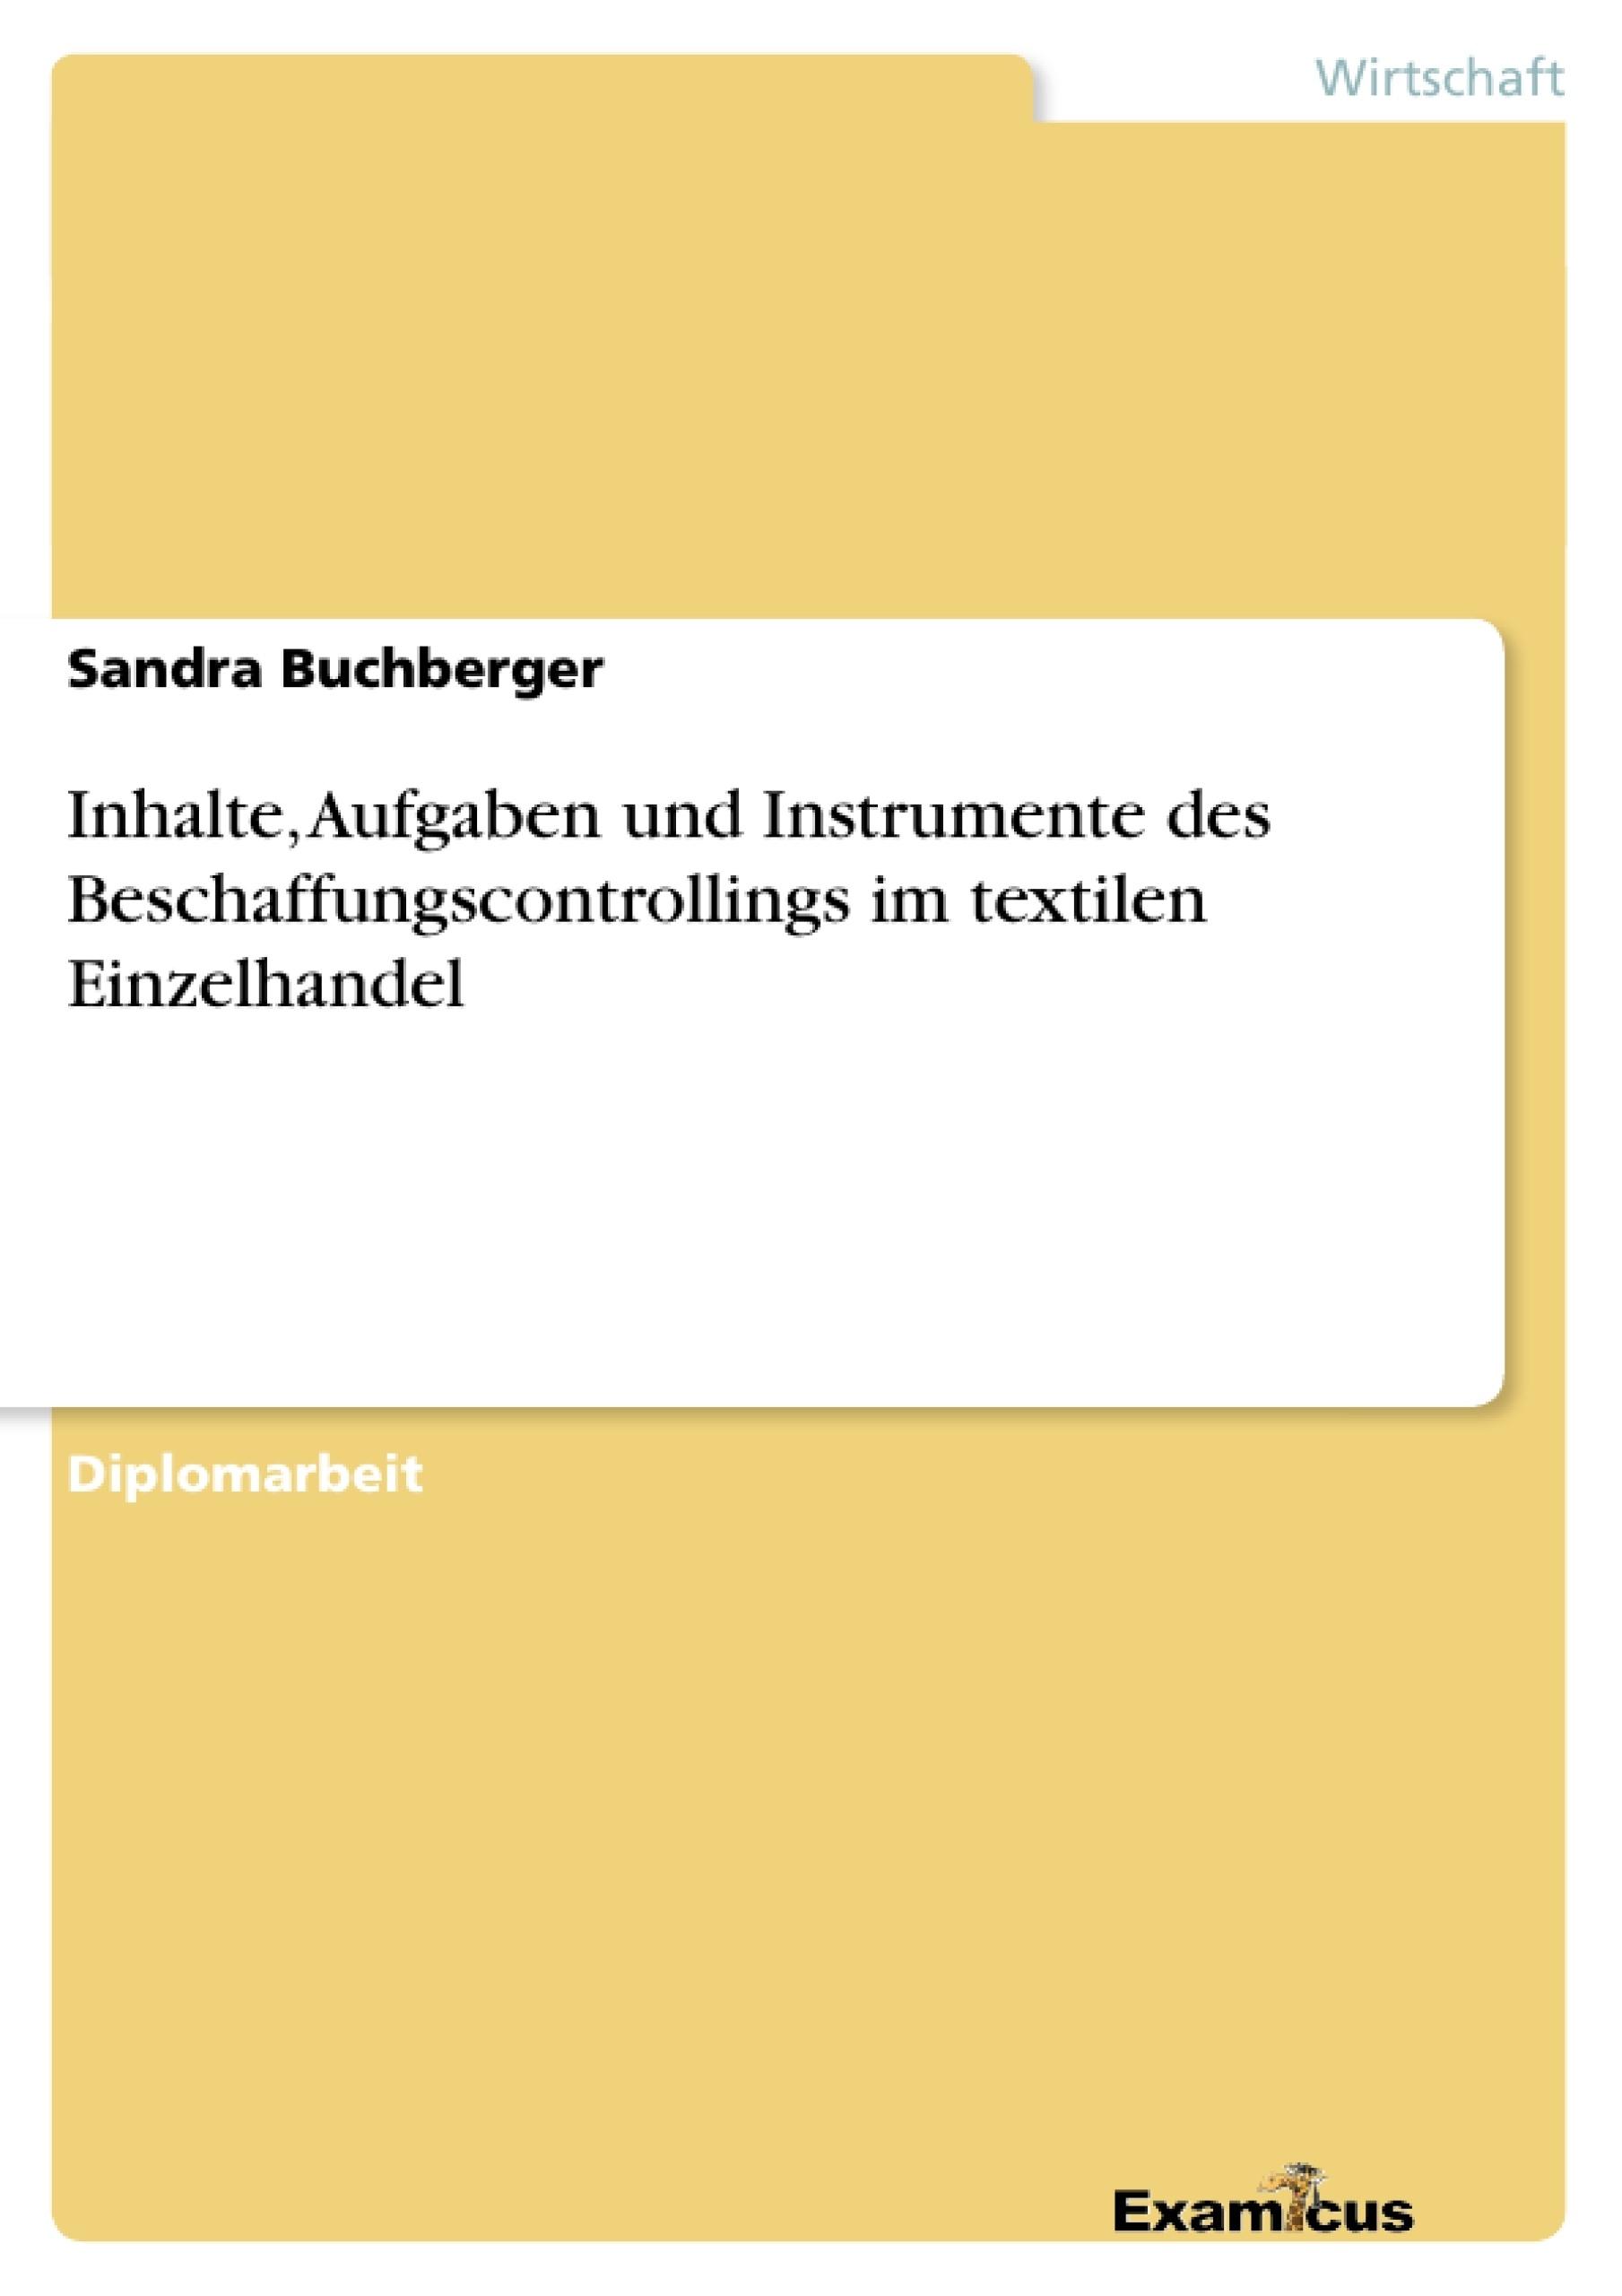 Titel: Inhalte, Aufgaben und Instrumente des Beschaffungscontrollings im textilen Einzelhandel